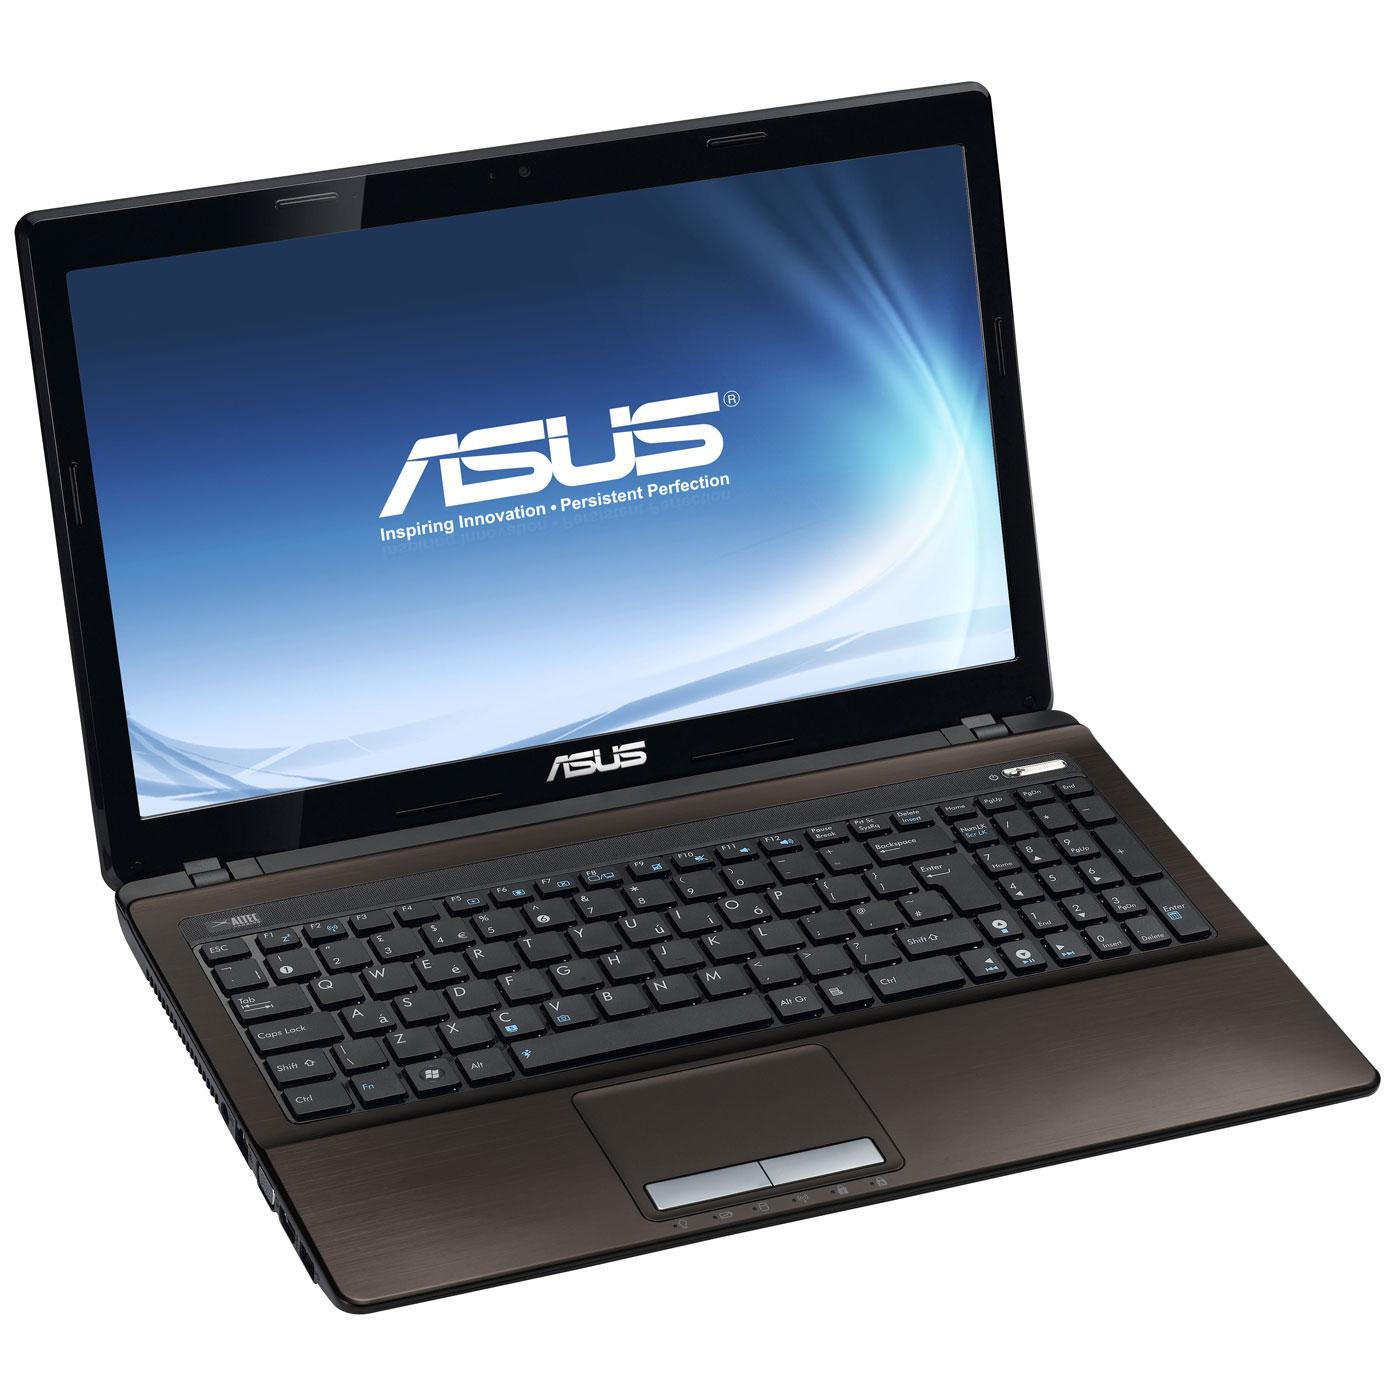 """PC portable ASUS K53SD-SX344V Marron Intel Core i3-2350M 4 Go 500 Go 15.6"""" LED NVIDIA GeForce GT 610M Graveur DVD Wi-Fi N/Bluetooth Webcam Windows 7 Premium 64 bits (garantie constructeur 2 ans)"""